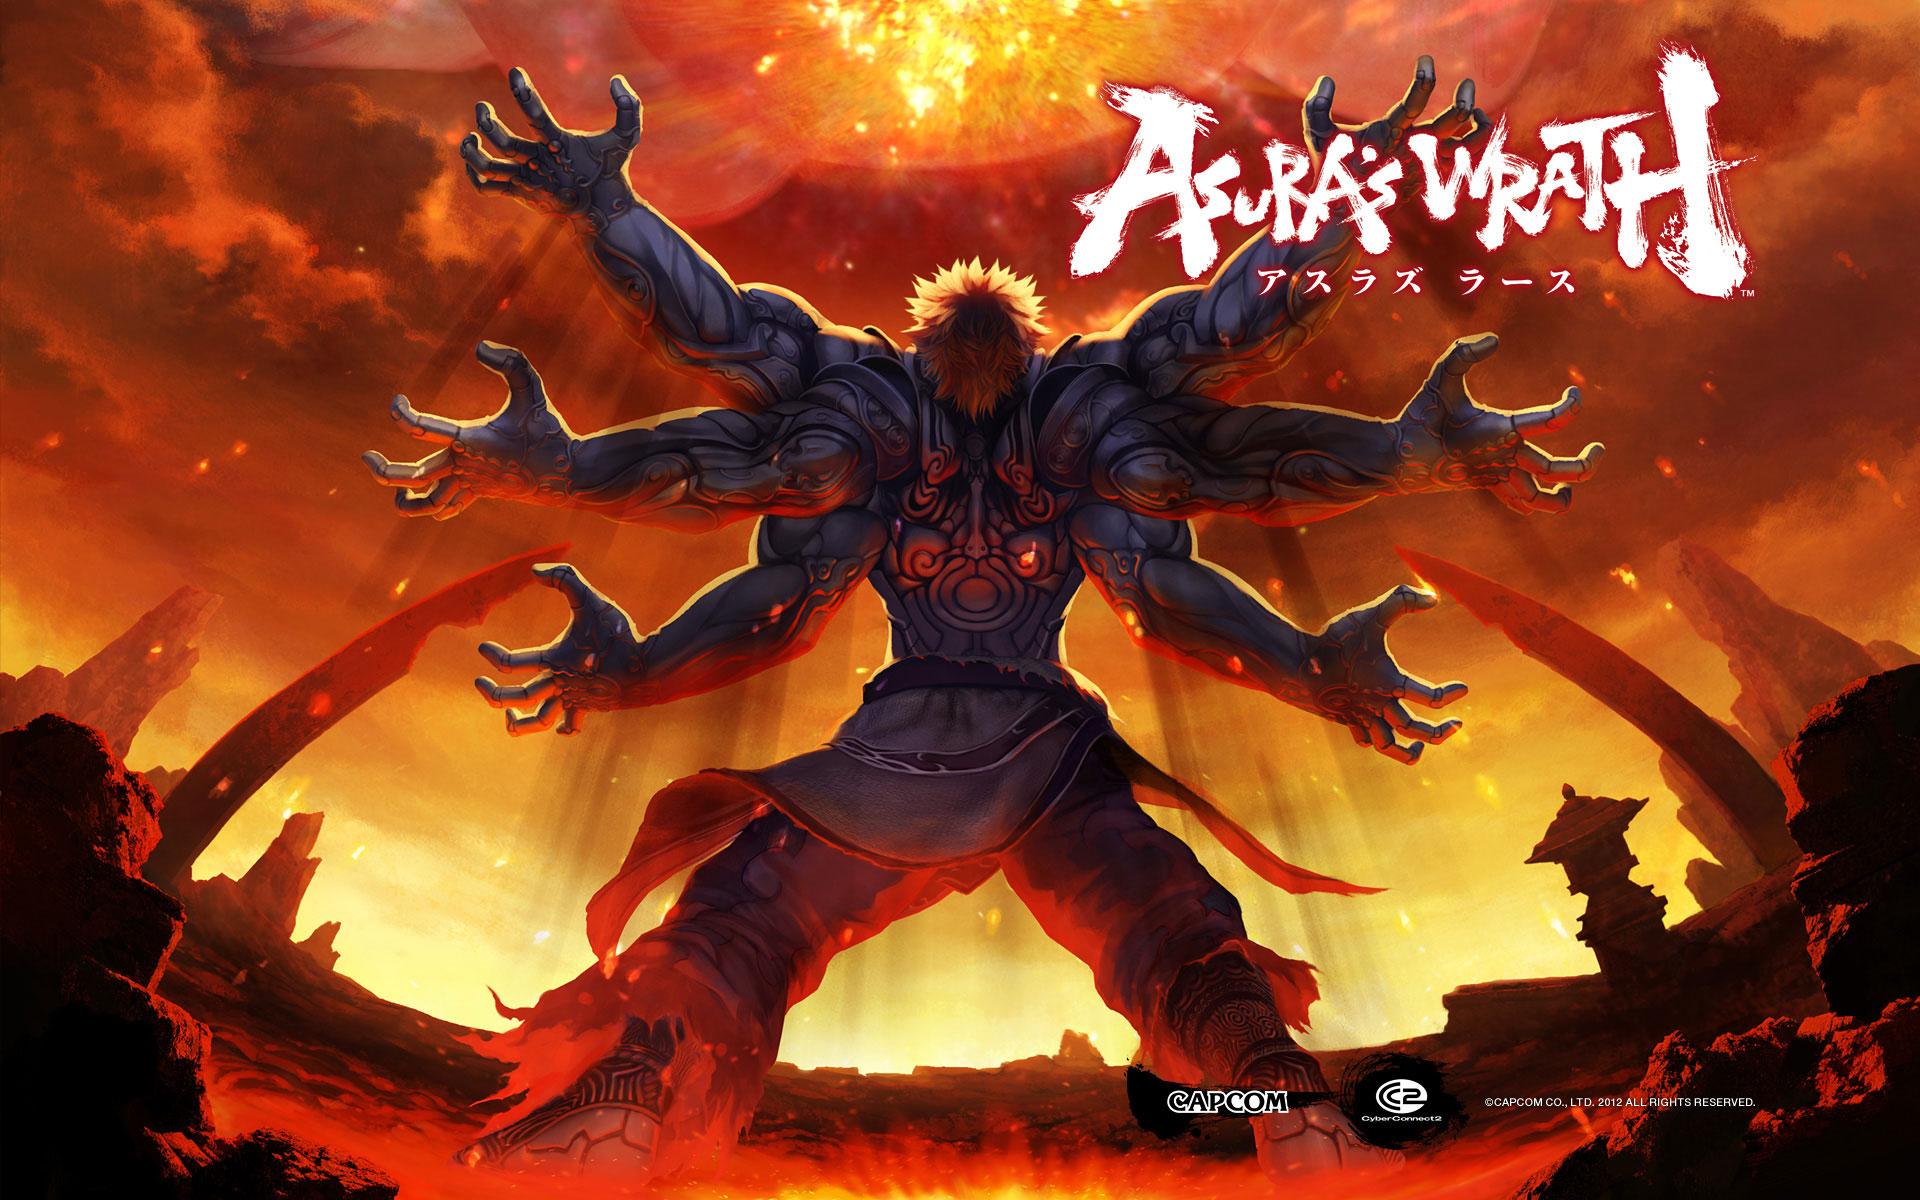 阿修罗之怒下载 阿修罗之怒视频下载 阿修罗之怒全剧情动画电影 第三章